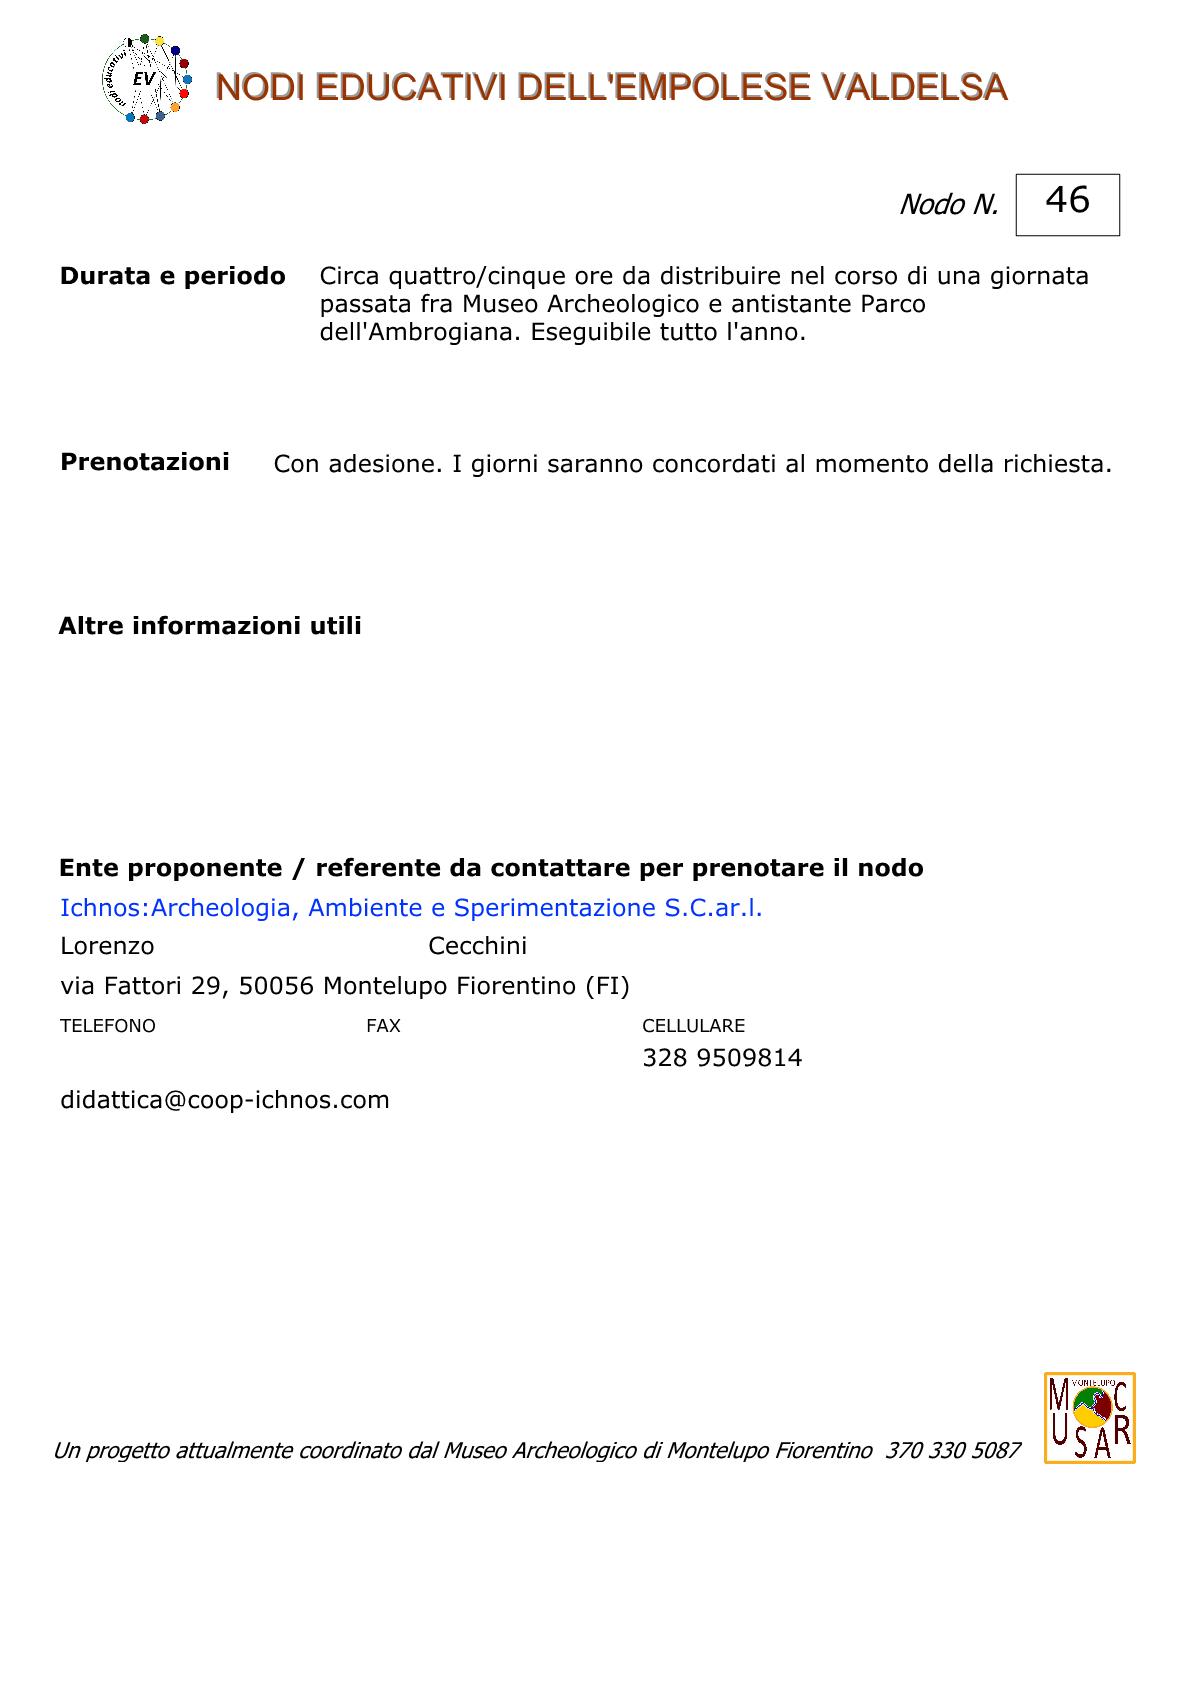 nodi-ev-161001-n-0463